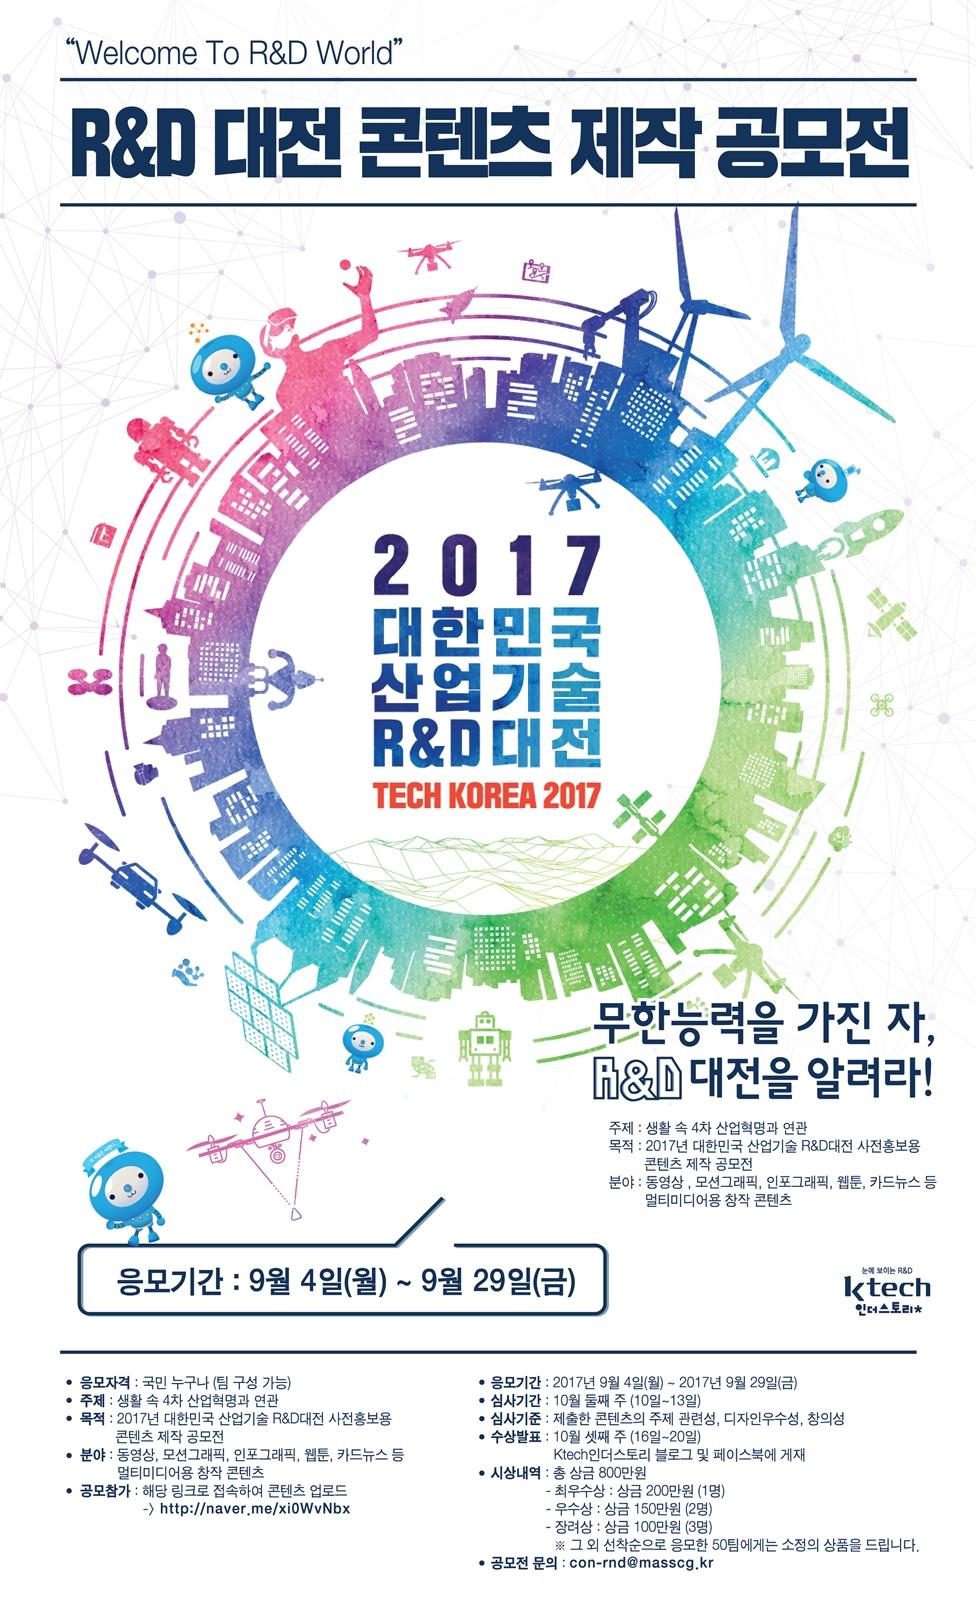 대한민국 산업기술 R&D 대전 홍보 콘텐츠 공모전